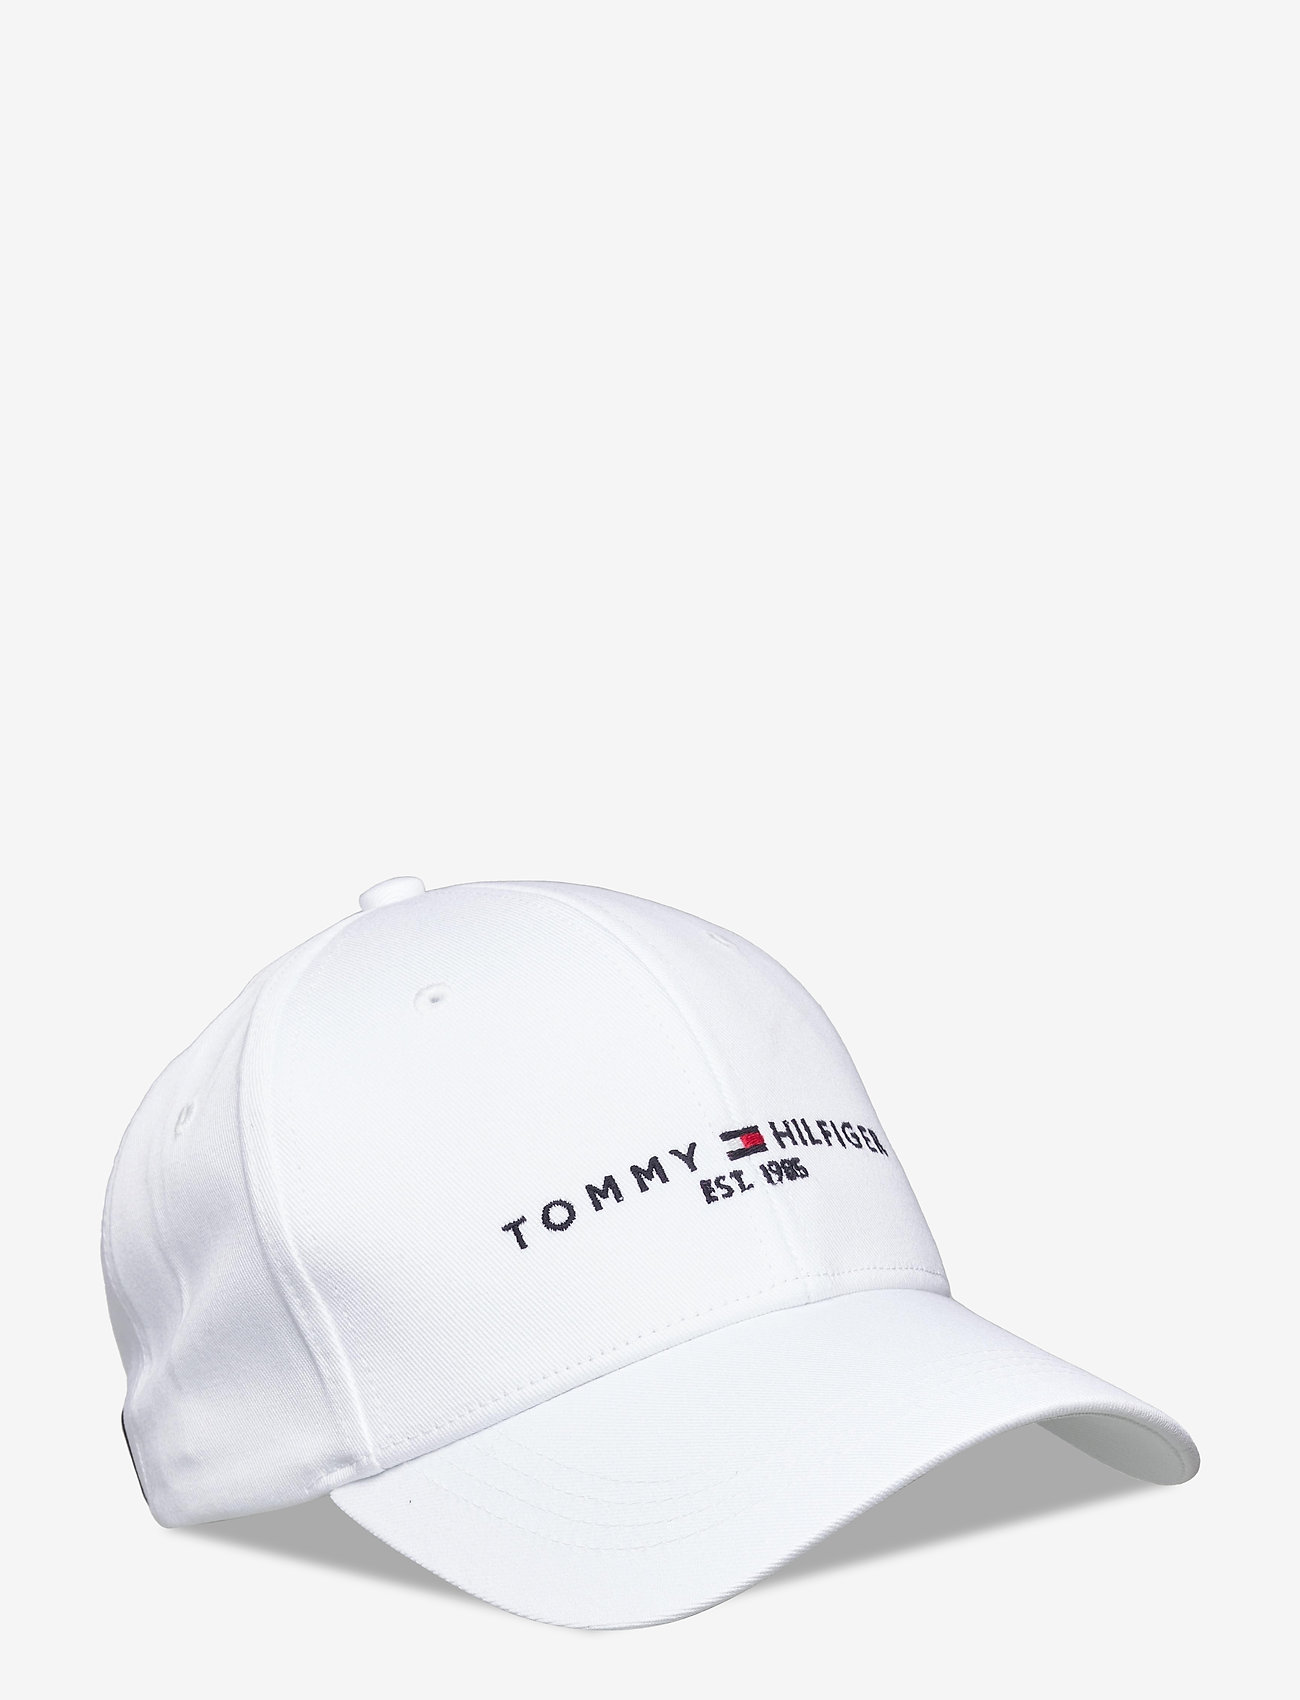 Tommy Hilfiger - TH ESTABLISHED CAP - kasketter - white - 0